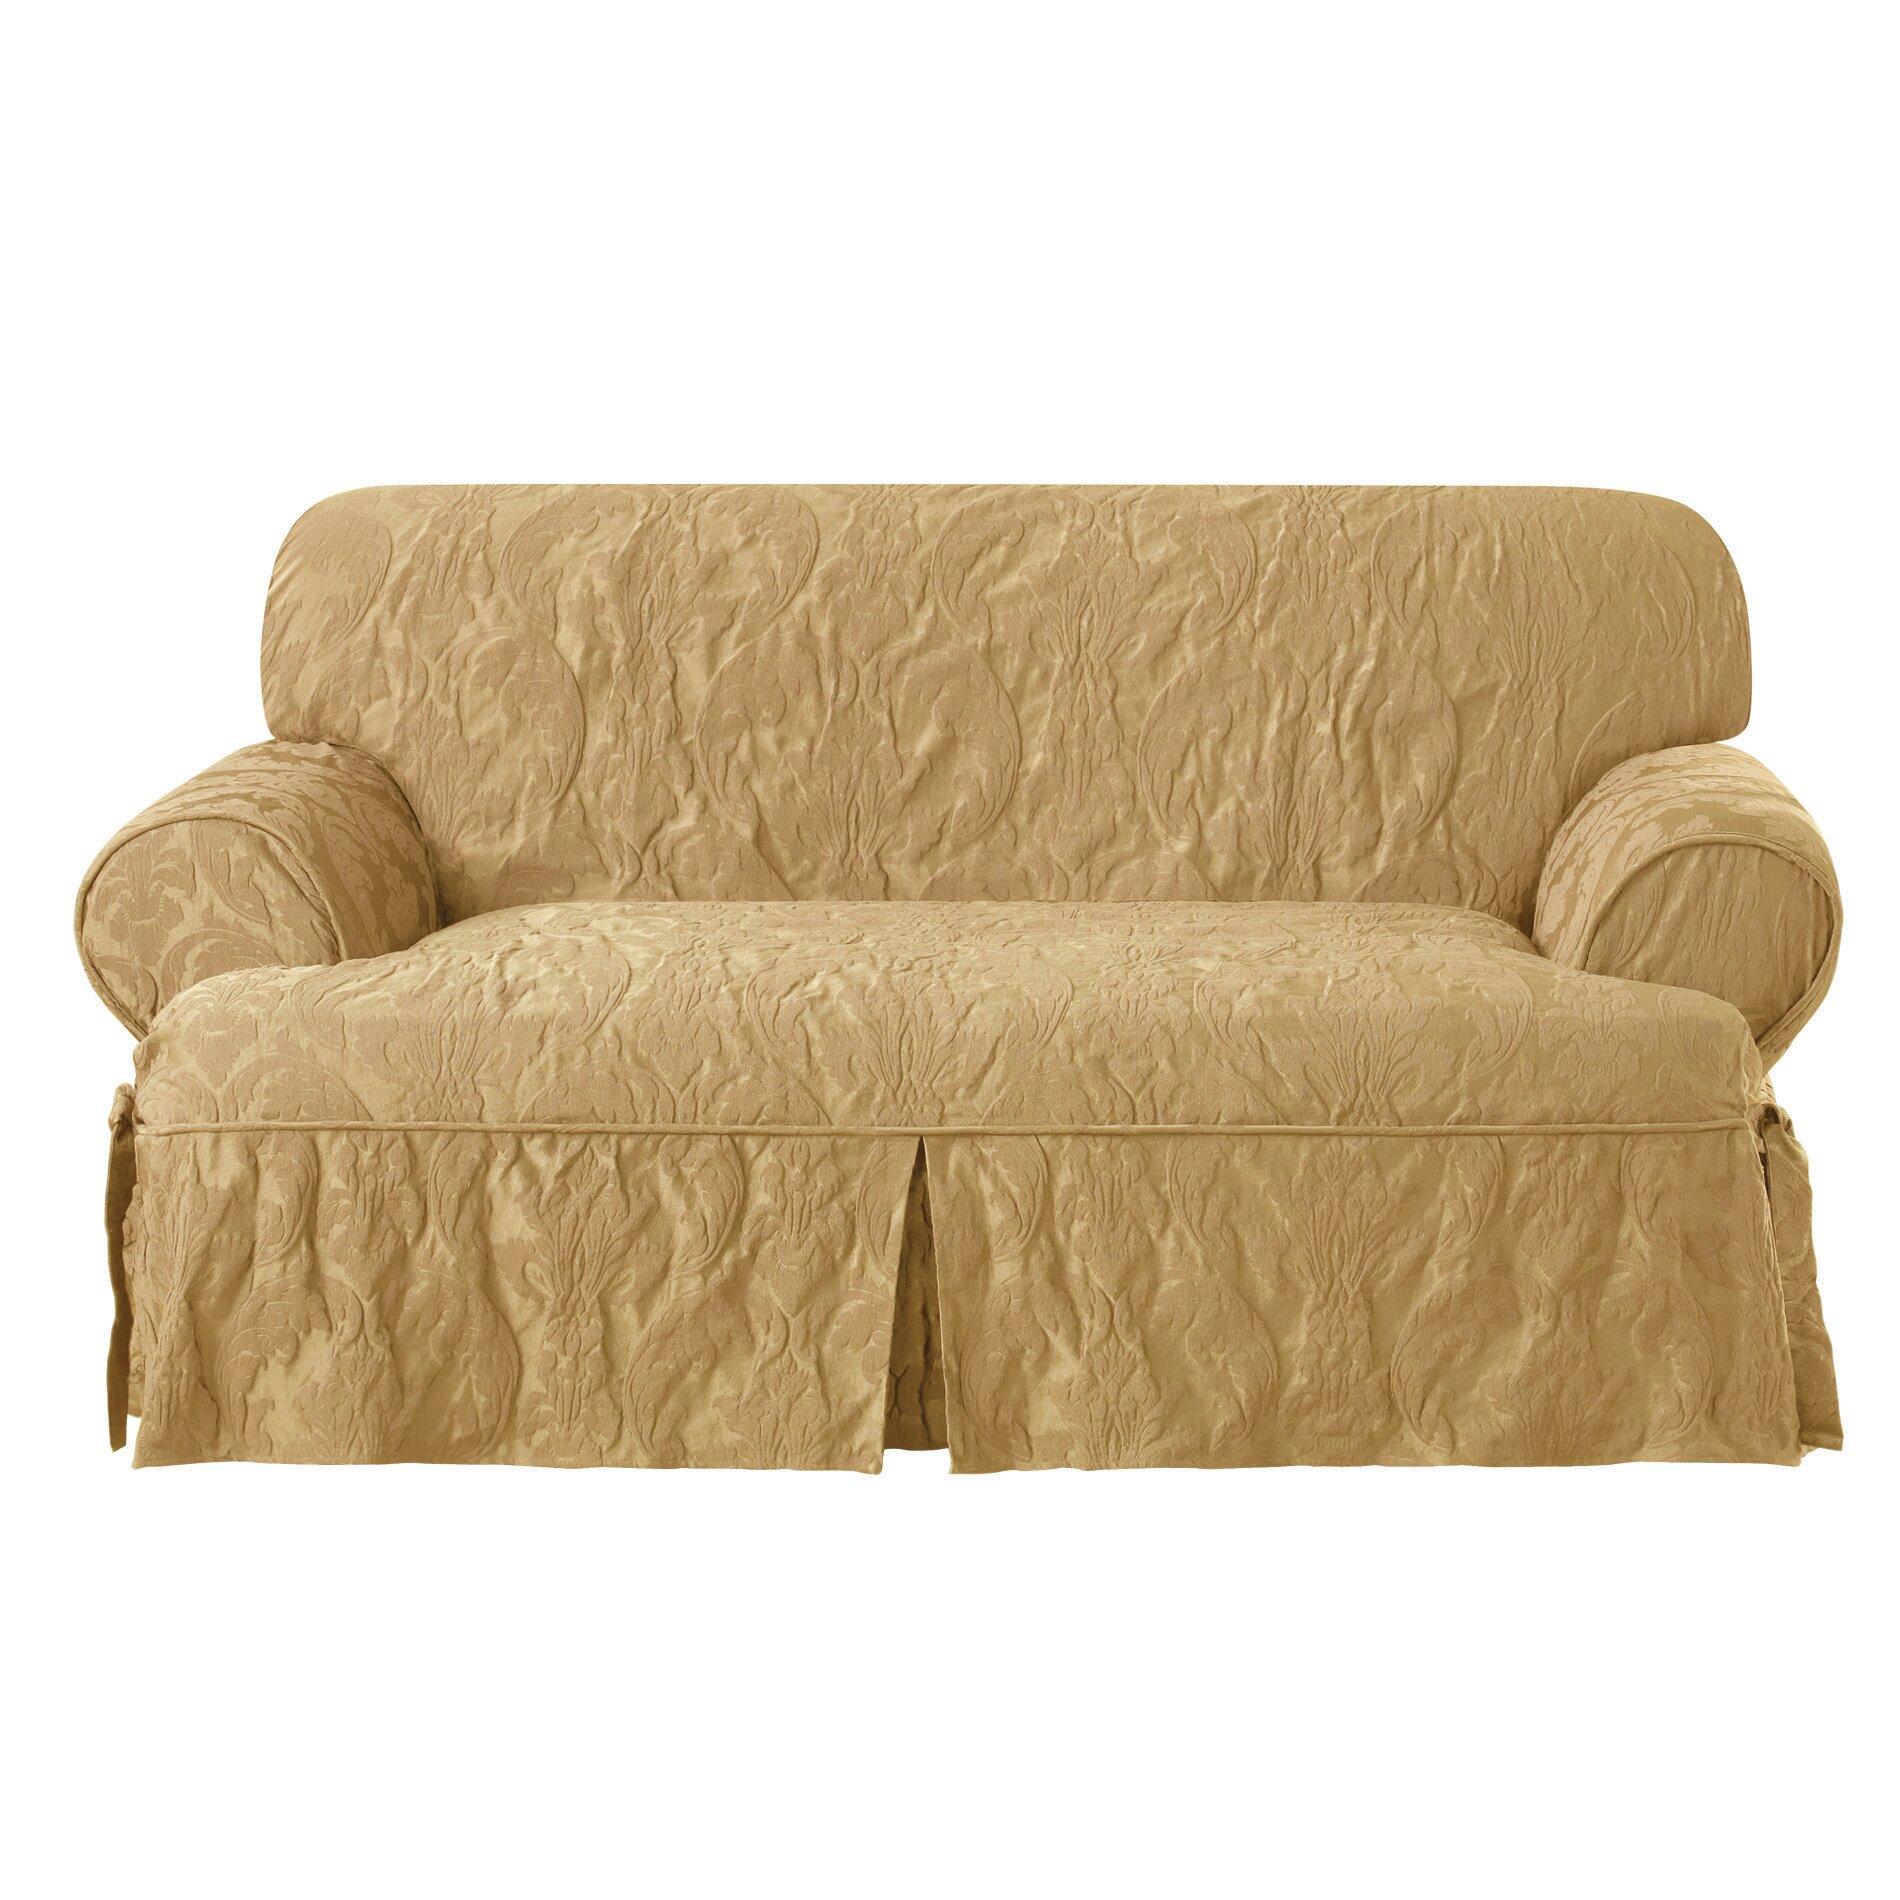 dp fit multi kitchen amazon cushion lexington home piece slipcover loveseat sure t com